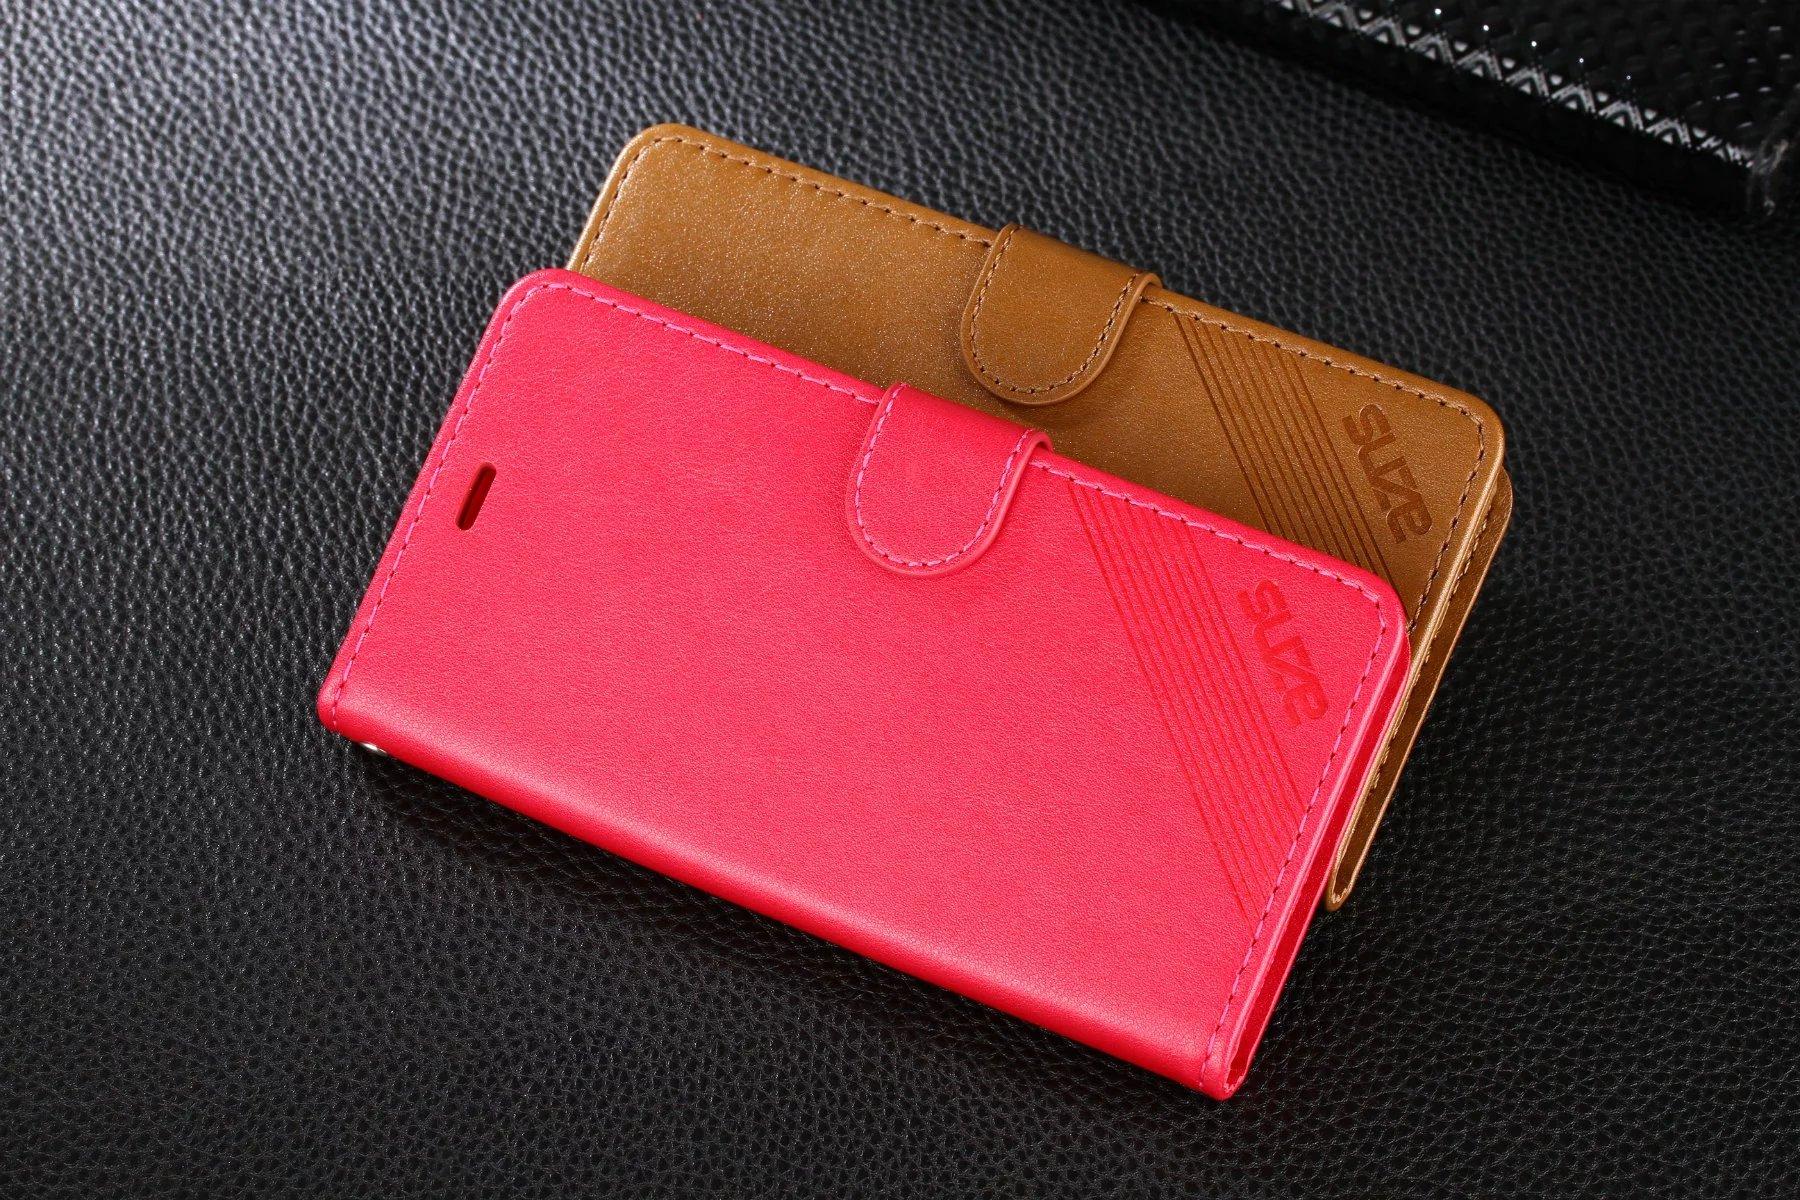 Luksusowy portfel case dla xiaomi redmi 4 pro redmi 4 książka klapki pokrywa pu leather stań torby telefonów pokrowce na xiaomi redmi 4 pro 19